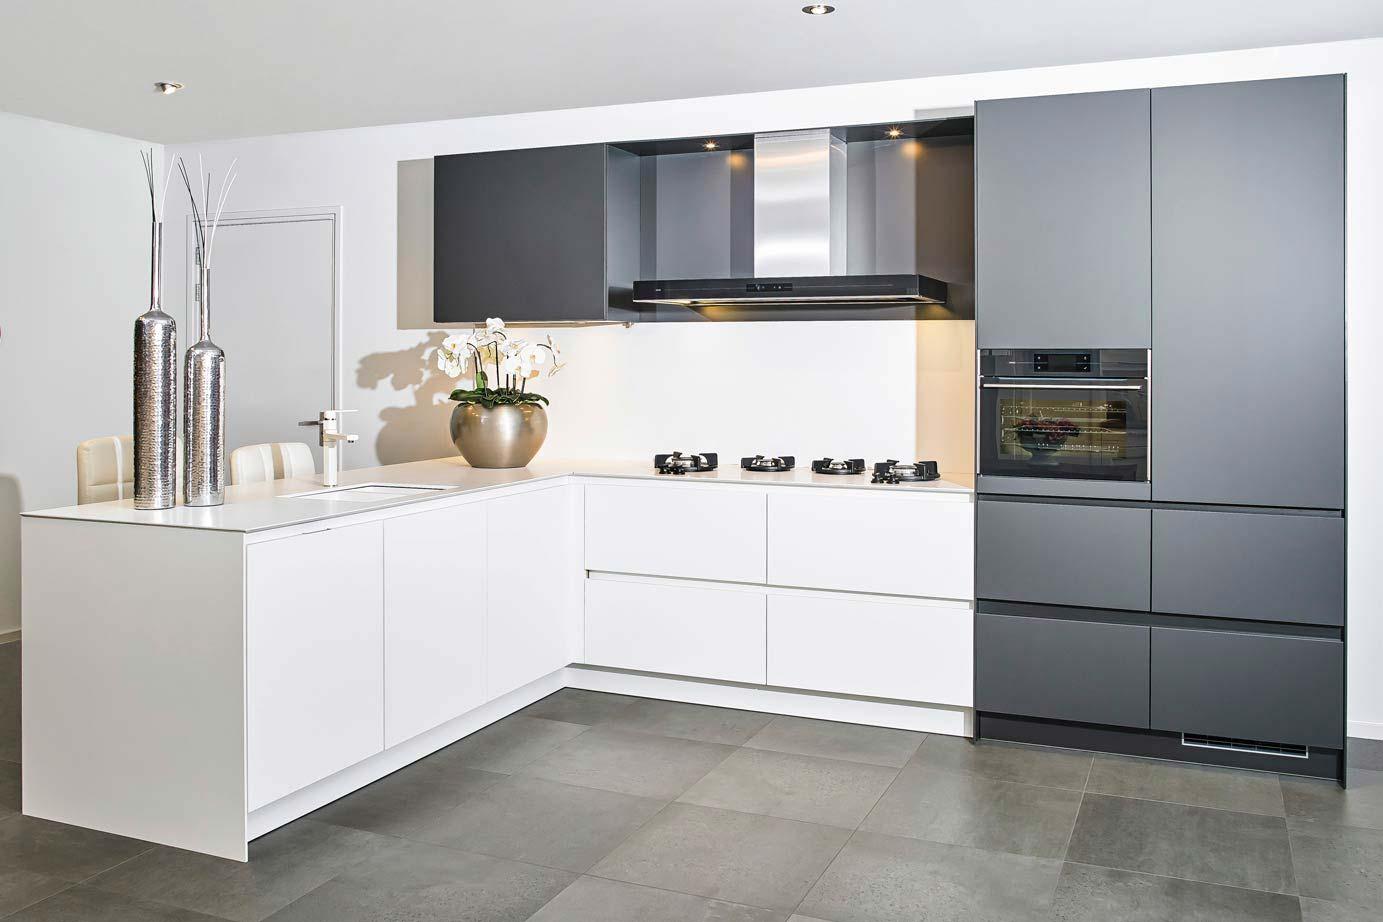 Greeploze Keuken Wit : Greeploze keuken alle info, voor en nadelen, prijzen